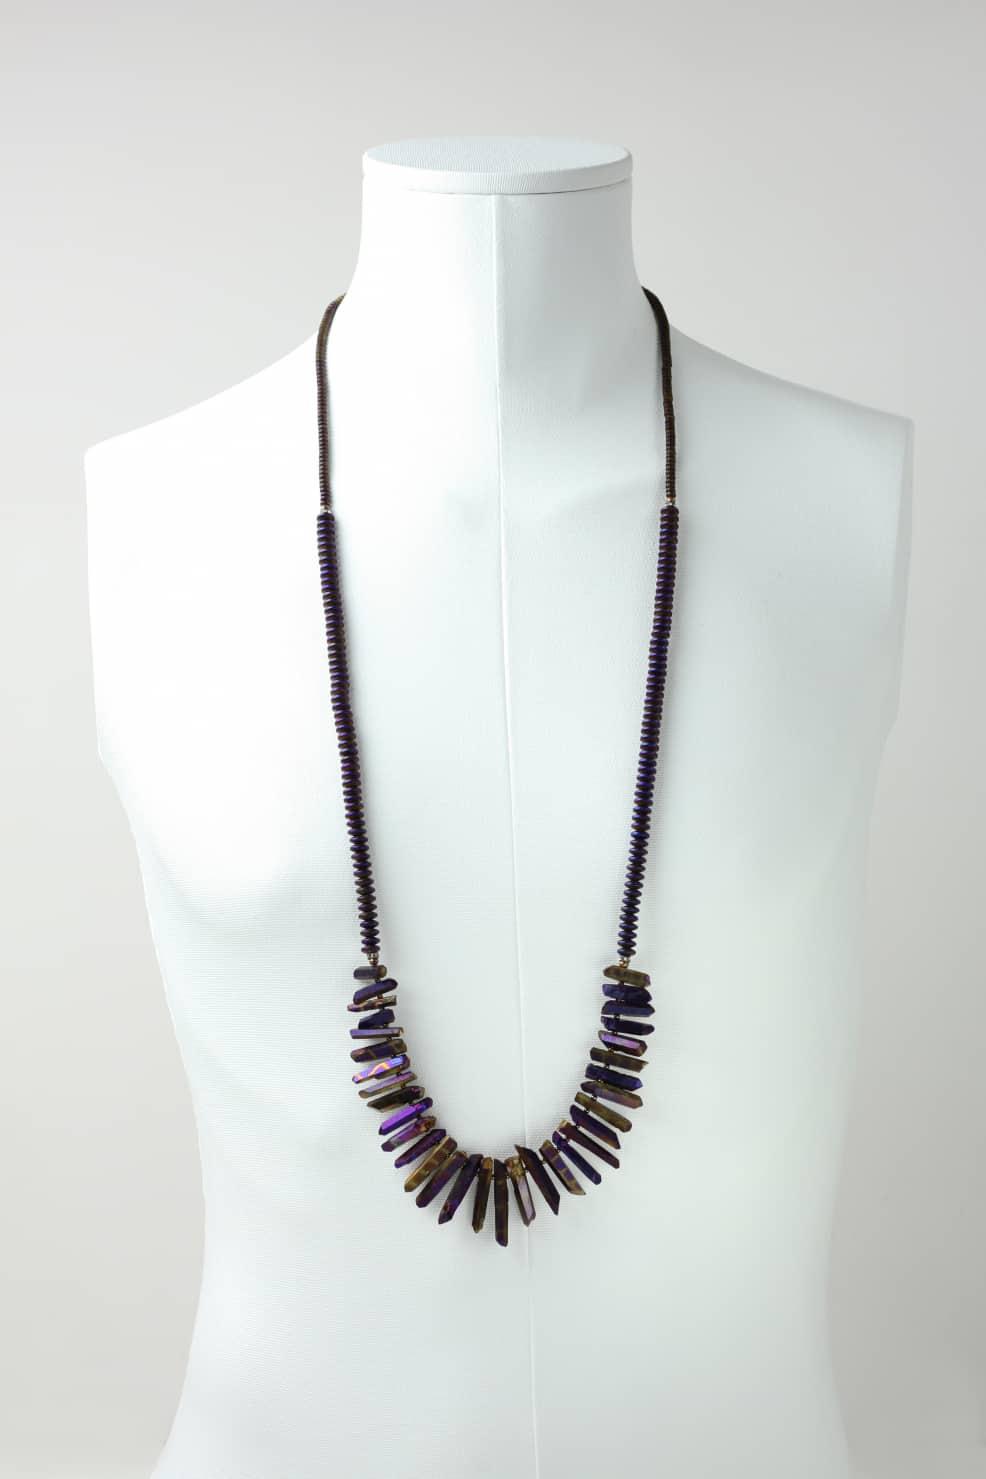 Titanium coated quartz and hematite necklace